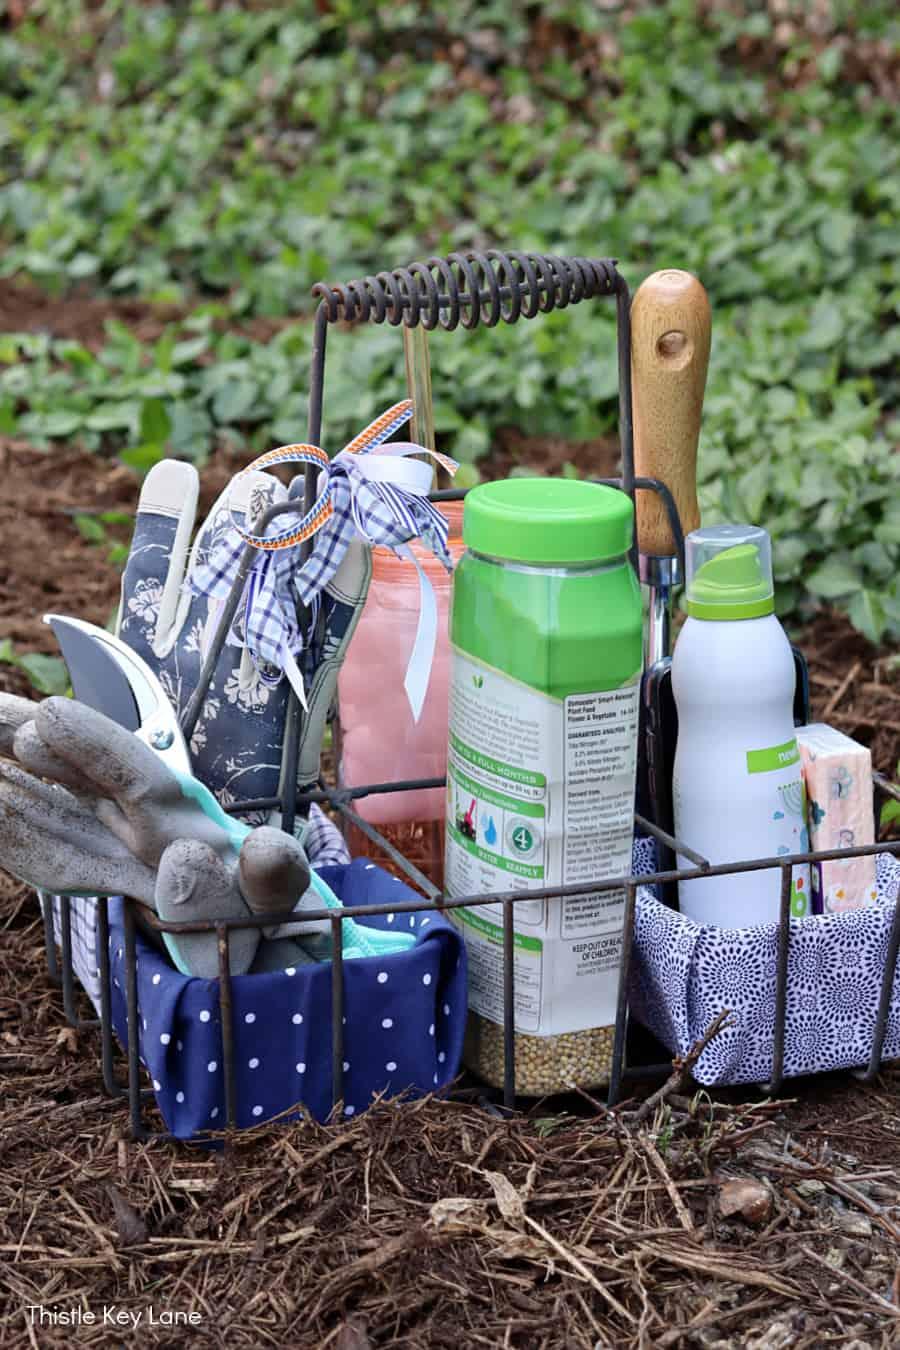 Garden caddy with supplies sitting on bark mulch. DIY Garden Tool Caddy.